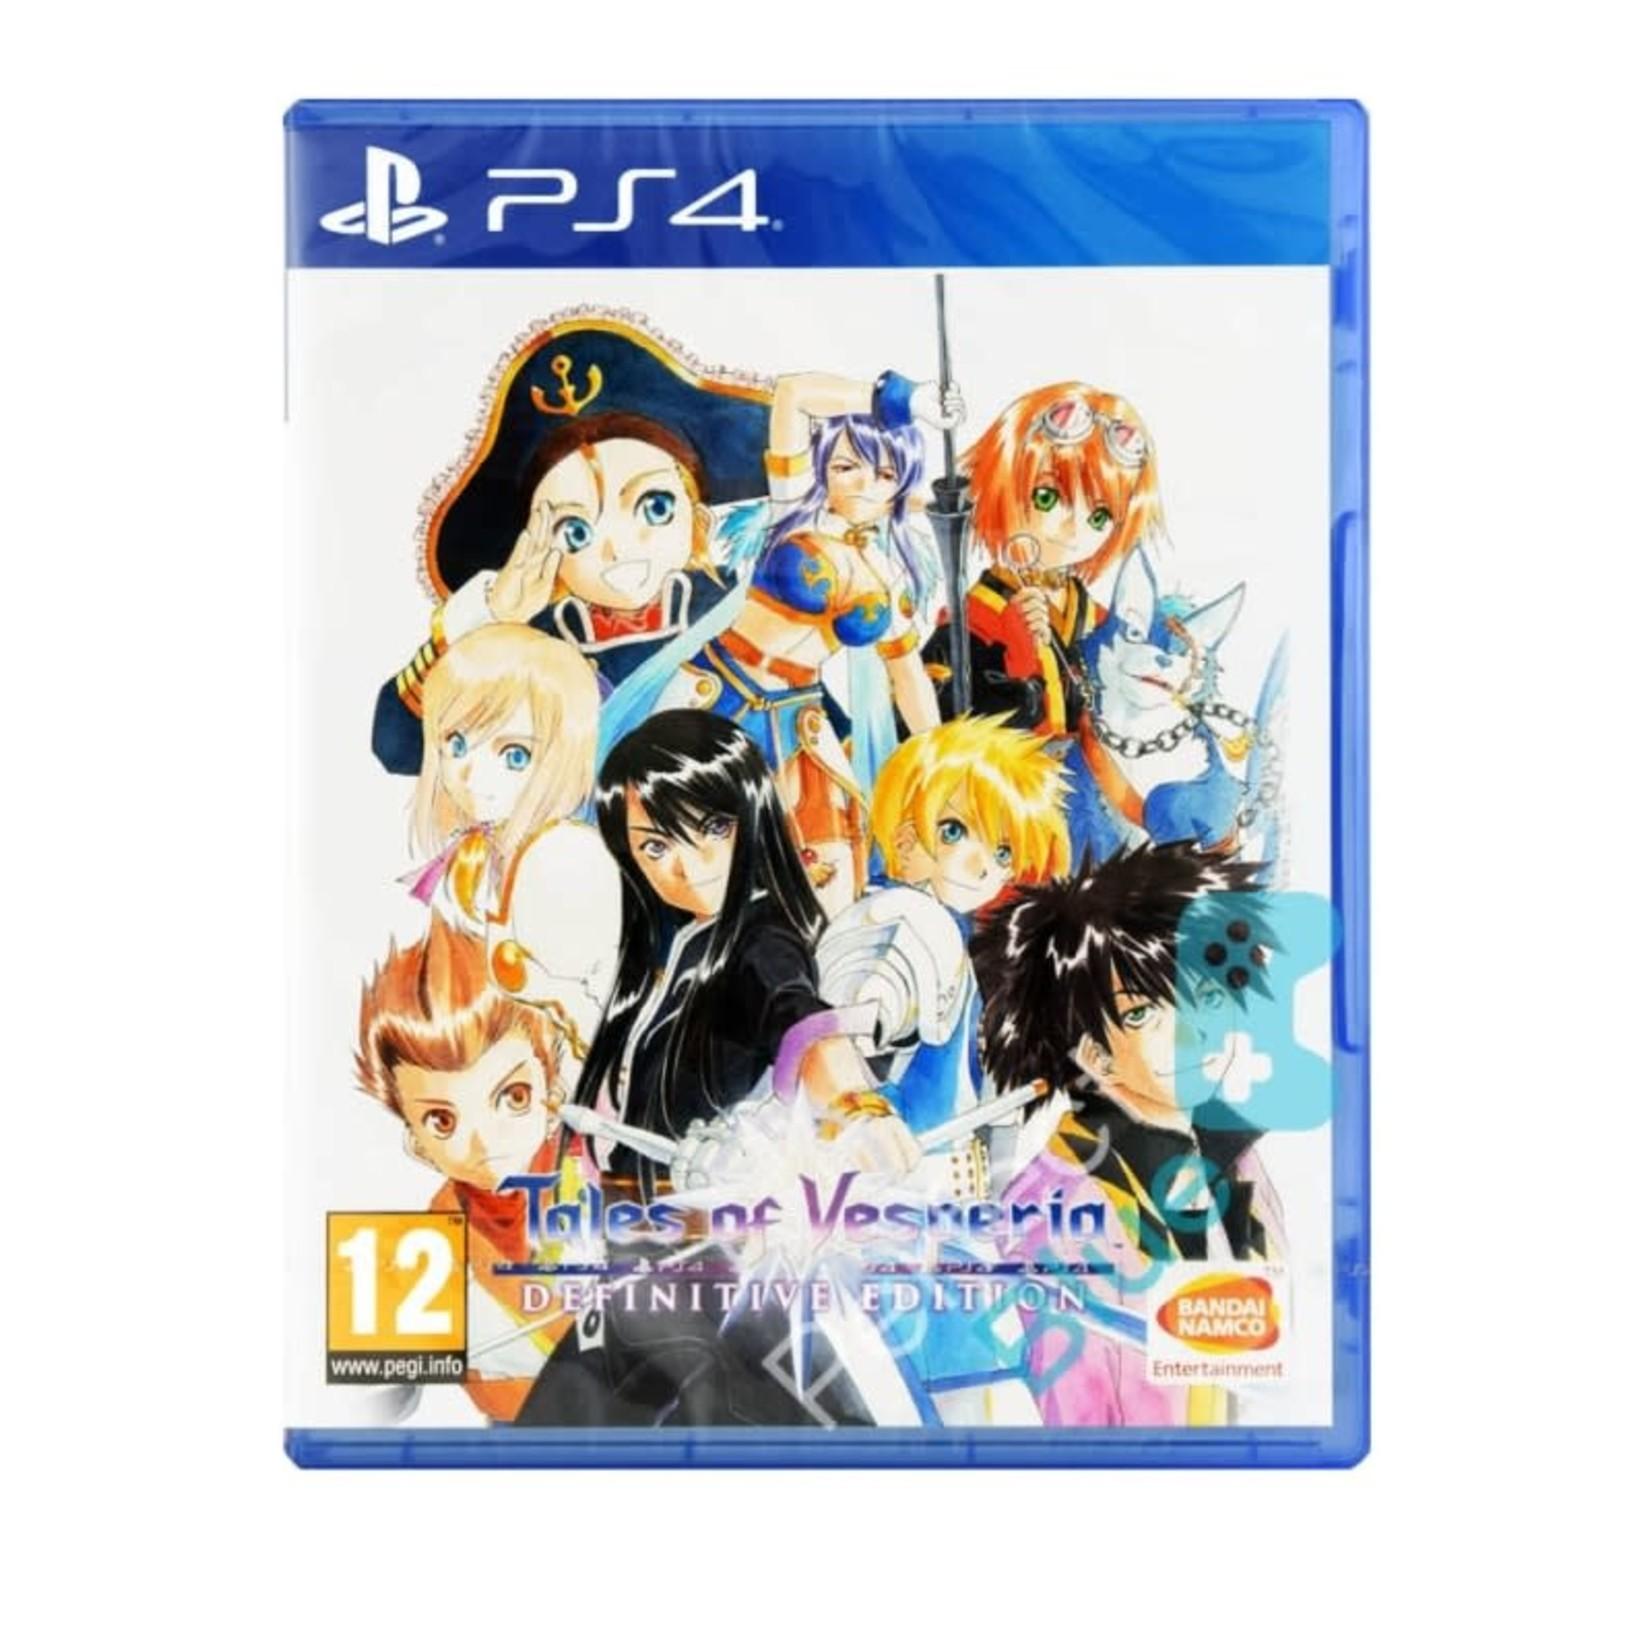 PS4-Tales of Vesperia